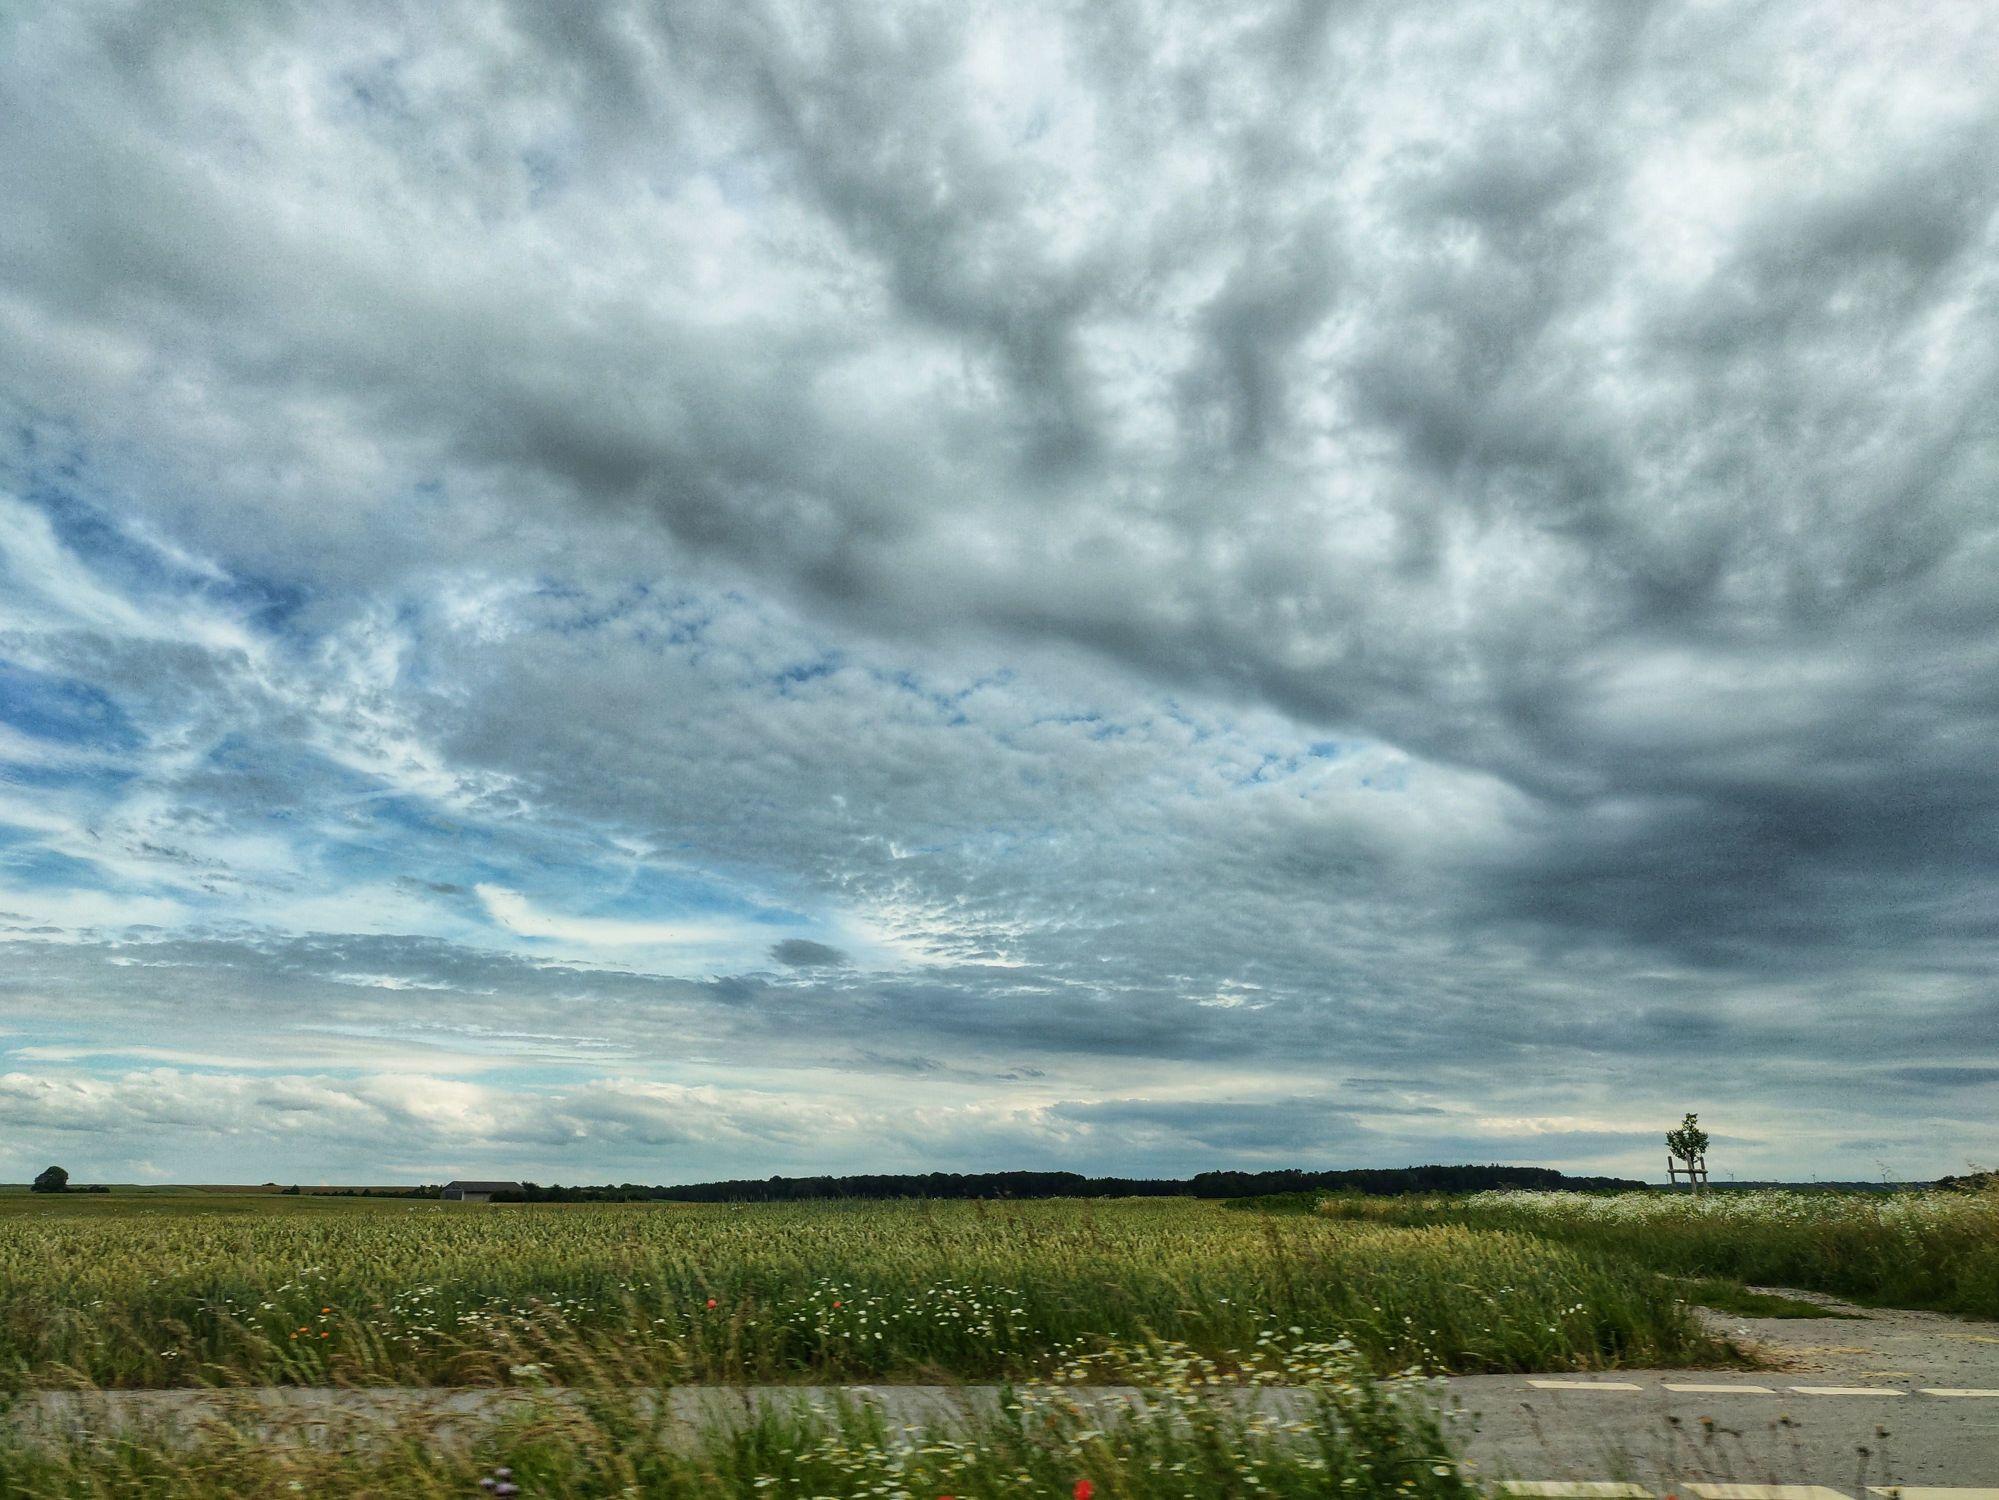 Bild mit Grün, Landschaften, Himmel, Wolken, Wolken, Wege, Weg, Wolkenhimmel, Landschaft, Wolkengebilde, Sky, Wolken am Himmel, Wolken am Himmel, Feld, WOHNEN, Fotografie, Büro, Küche, Leinwand, franken, Wolkig, pfad